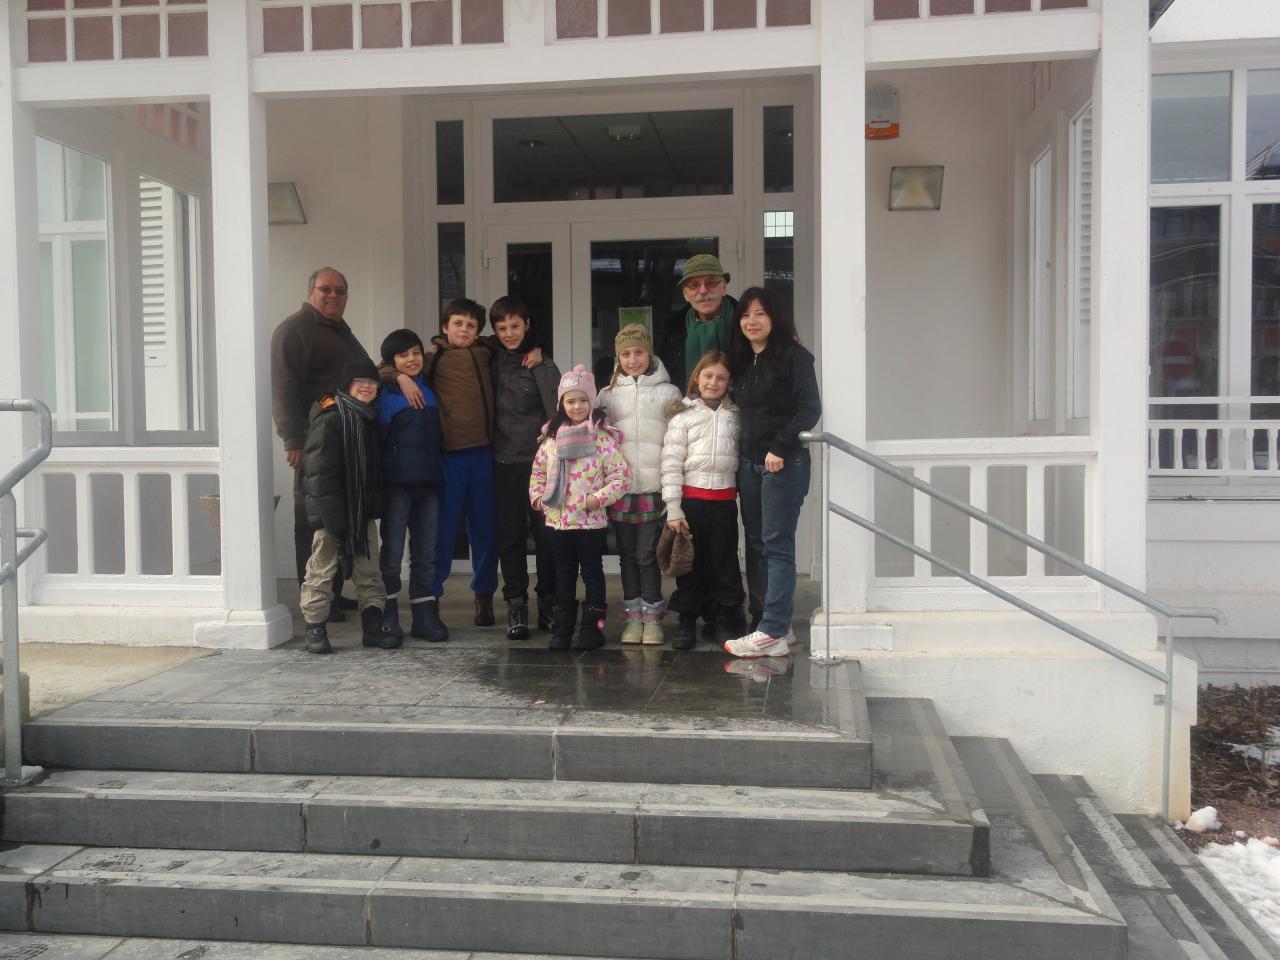 visite à la roseraie expo photo